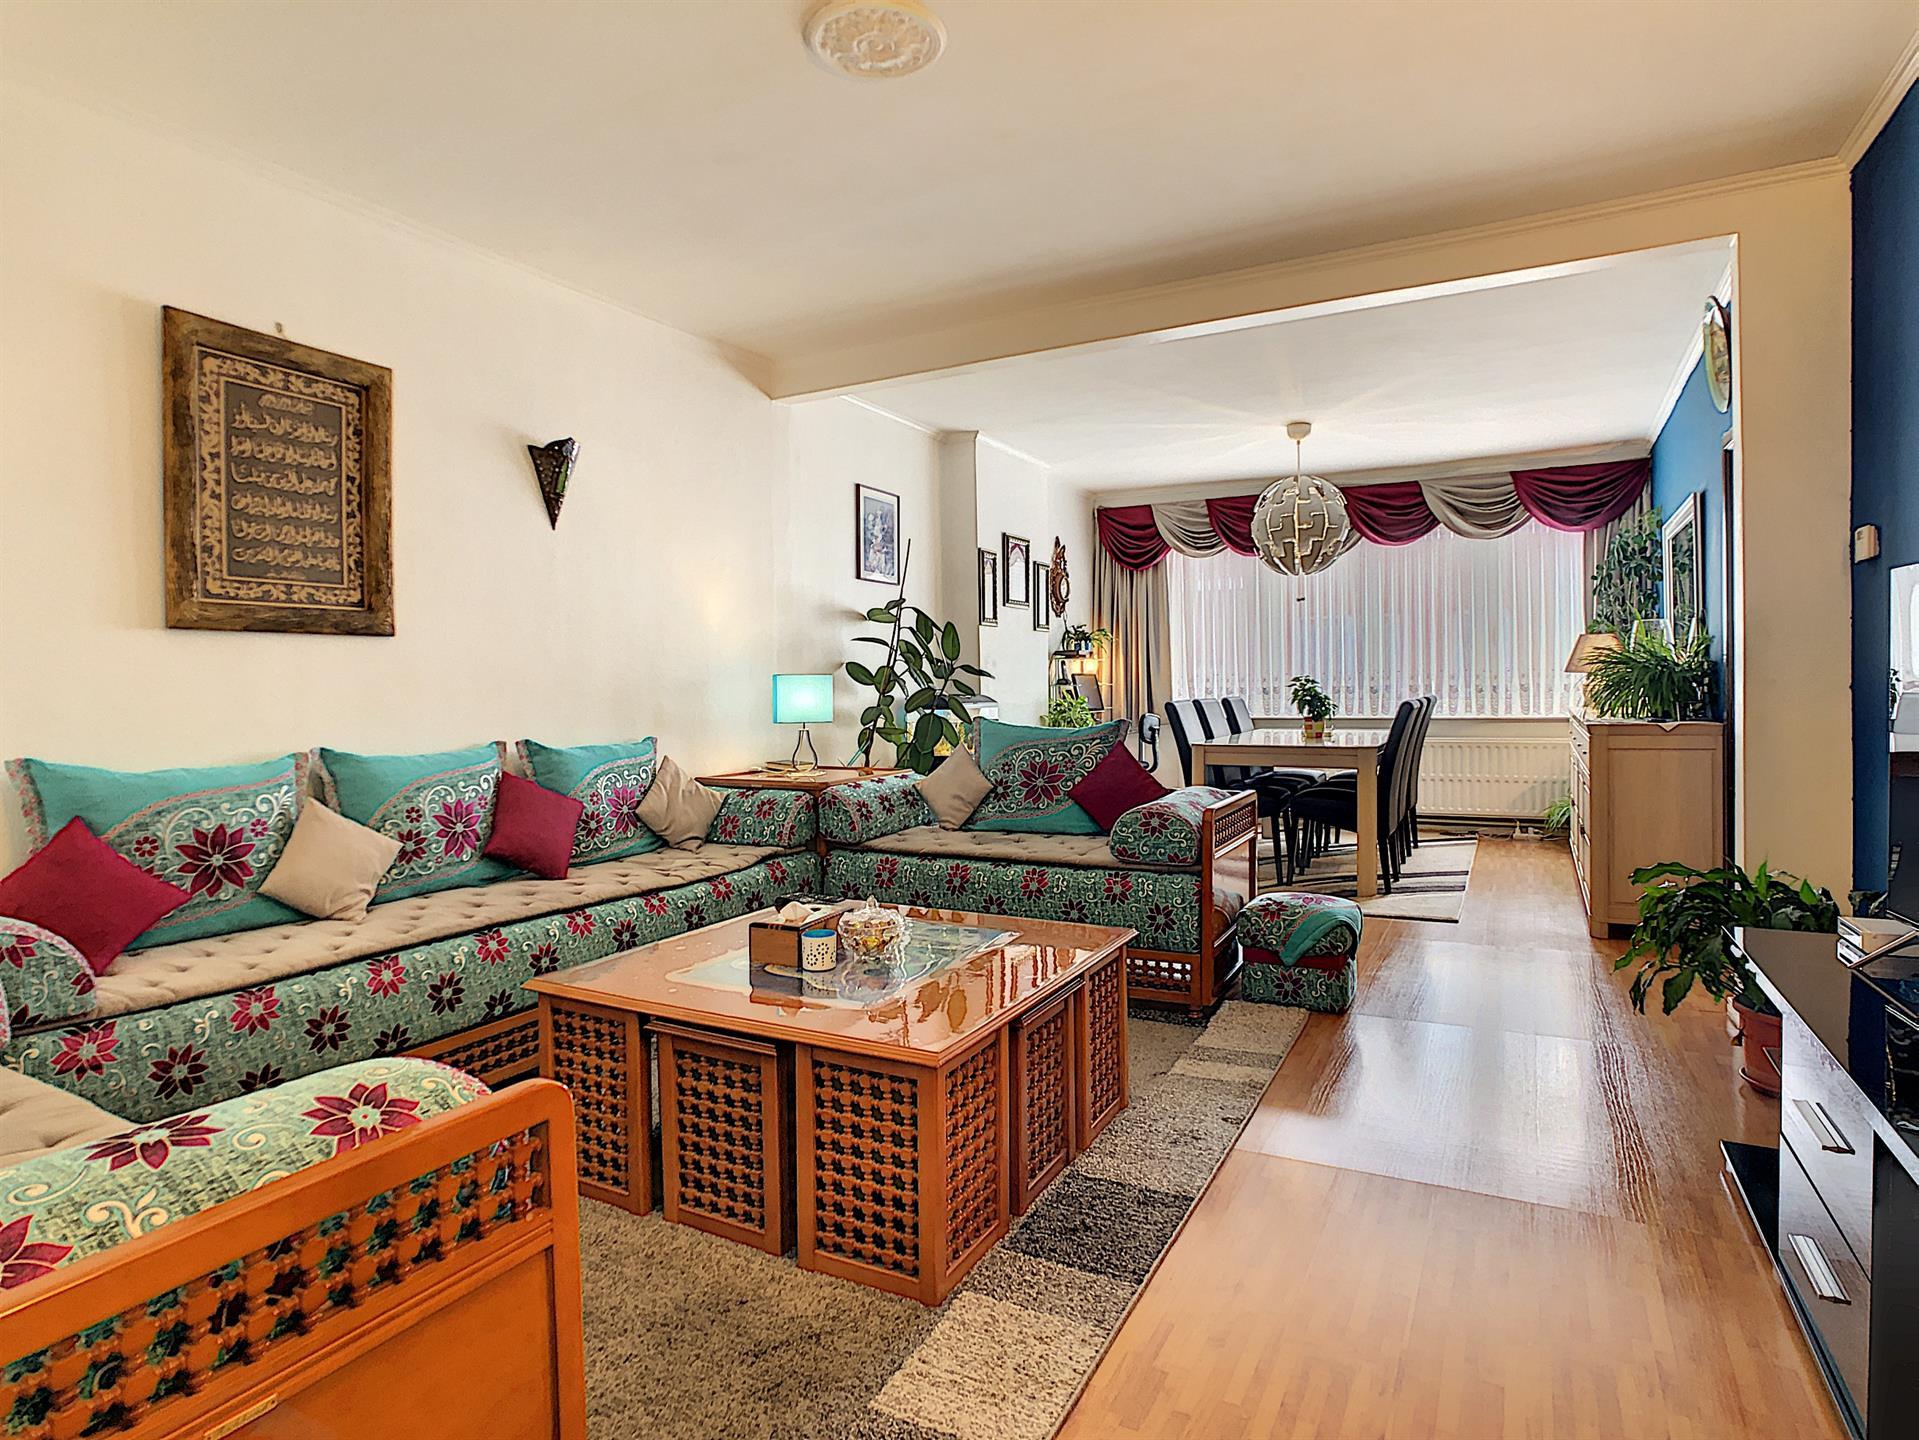 Appartement - Berchem-Sainte-Agathe - #4143753-2